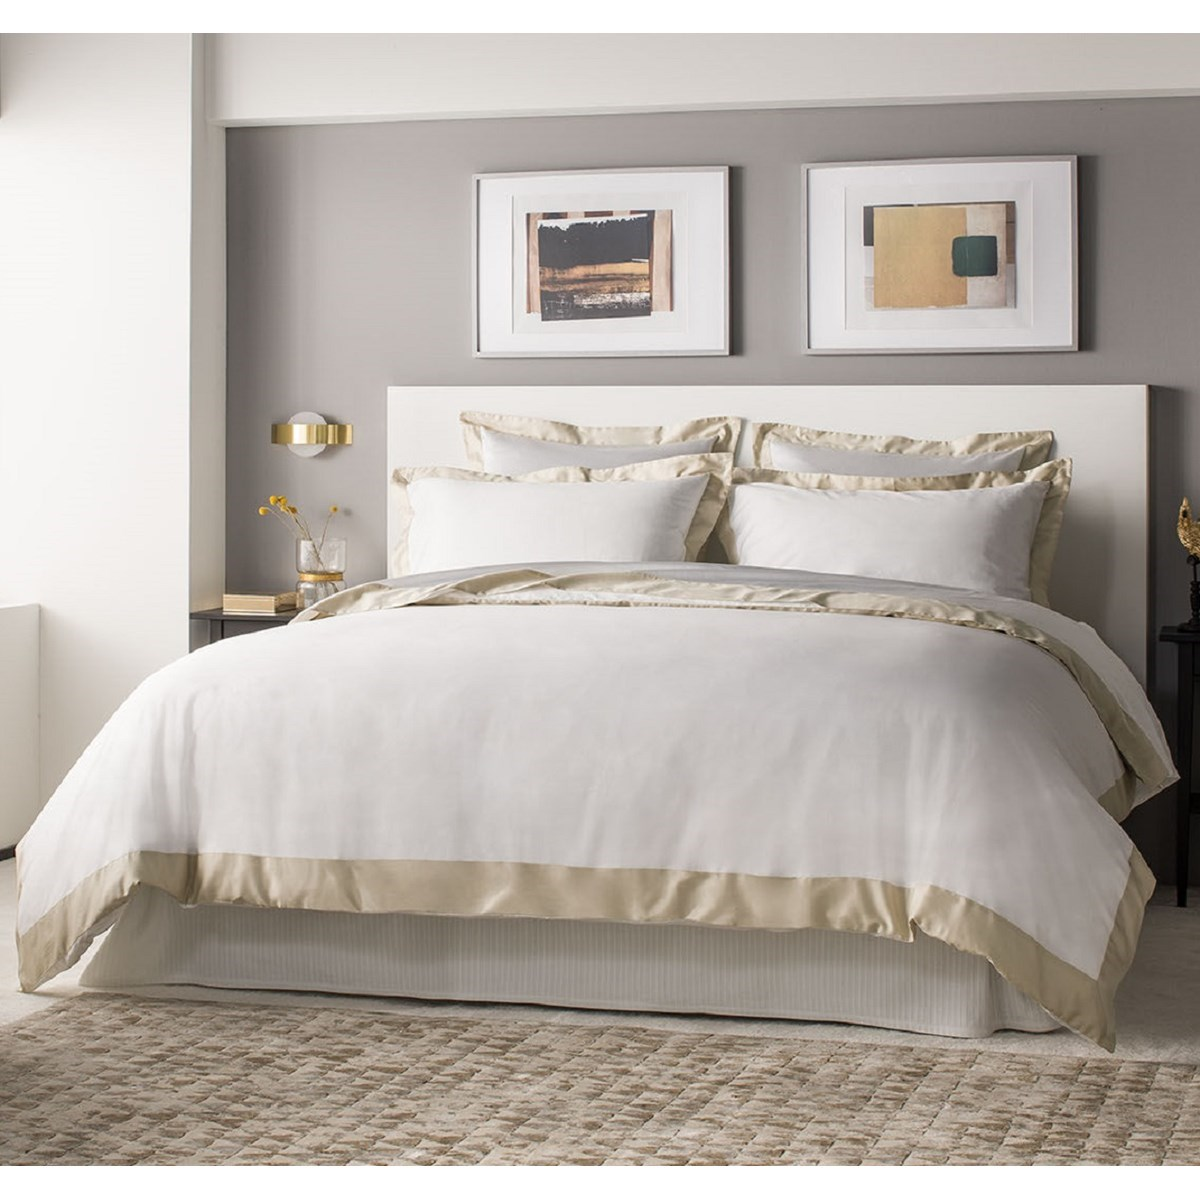 Drap plat luxe en Satin de coton Blanc 270x310 cm